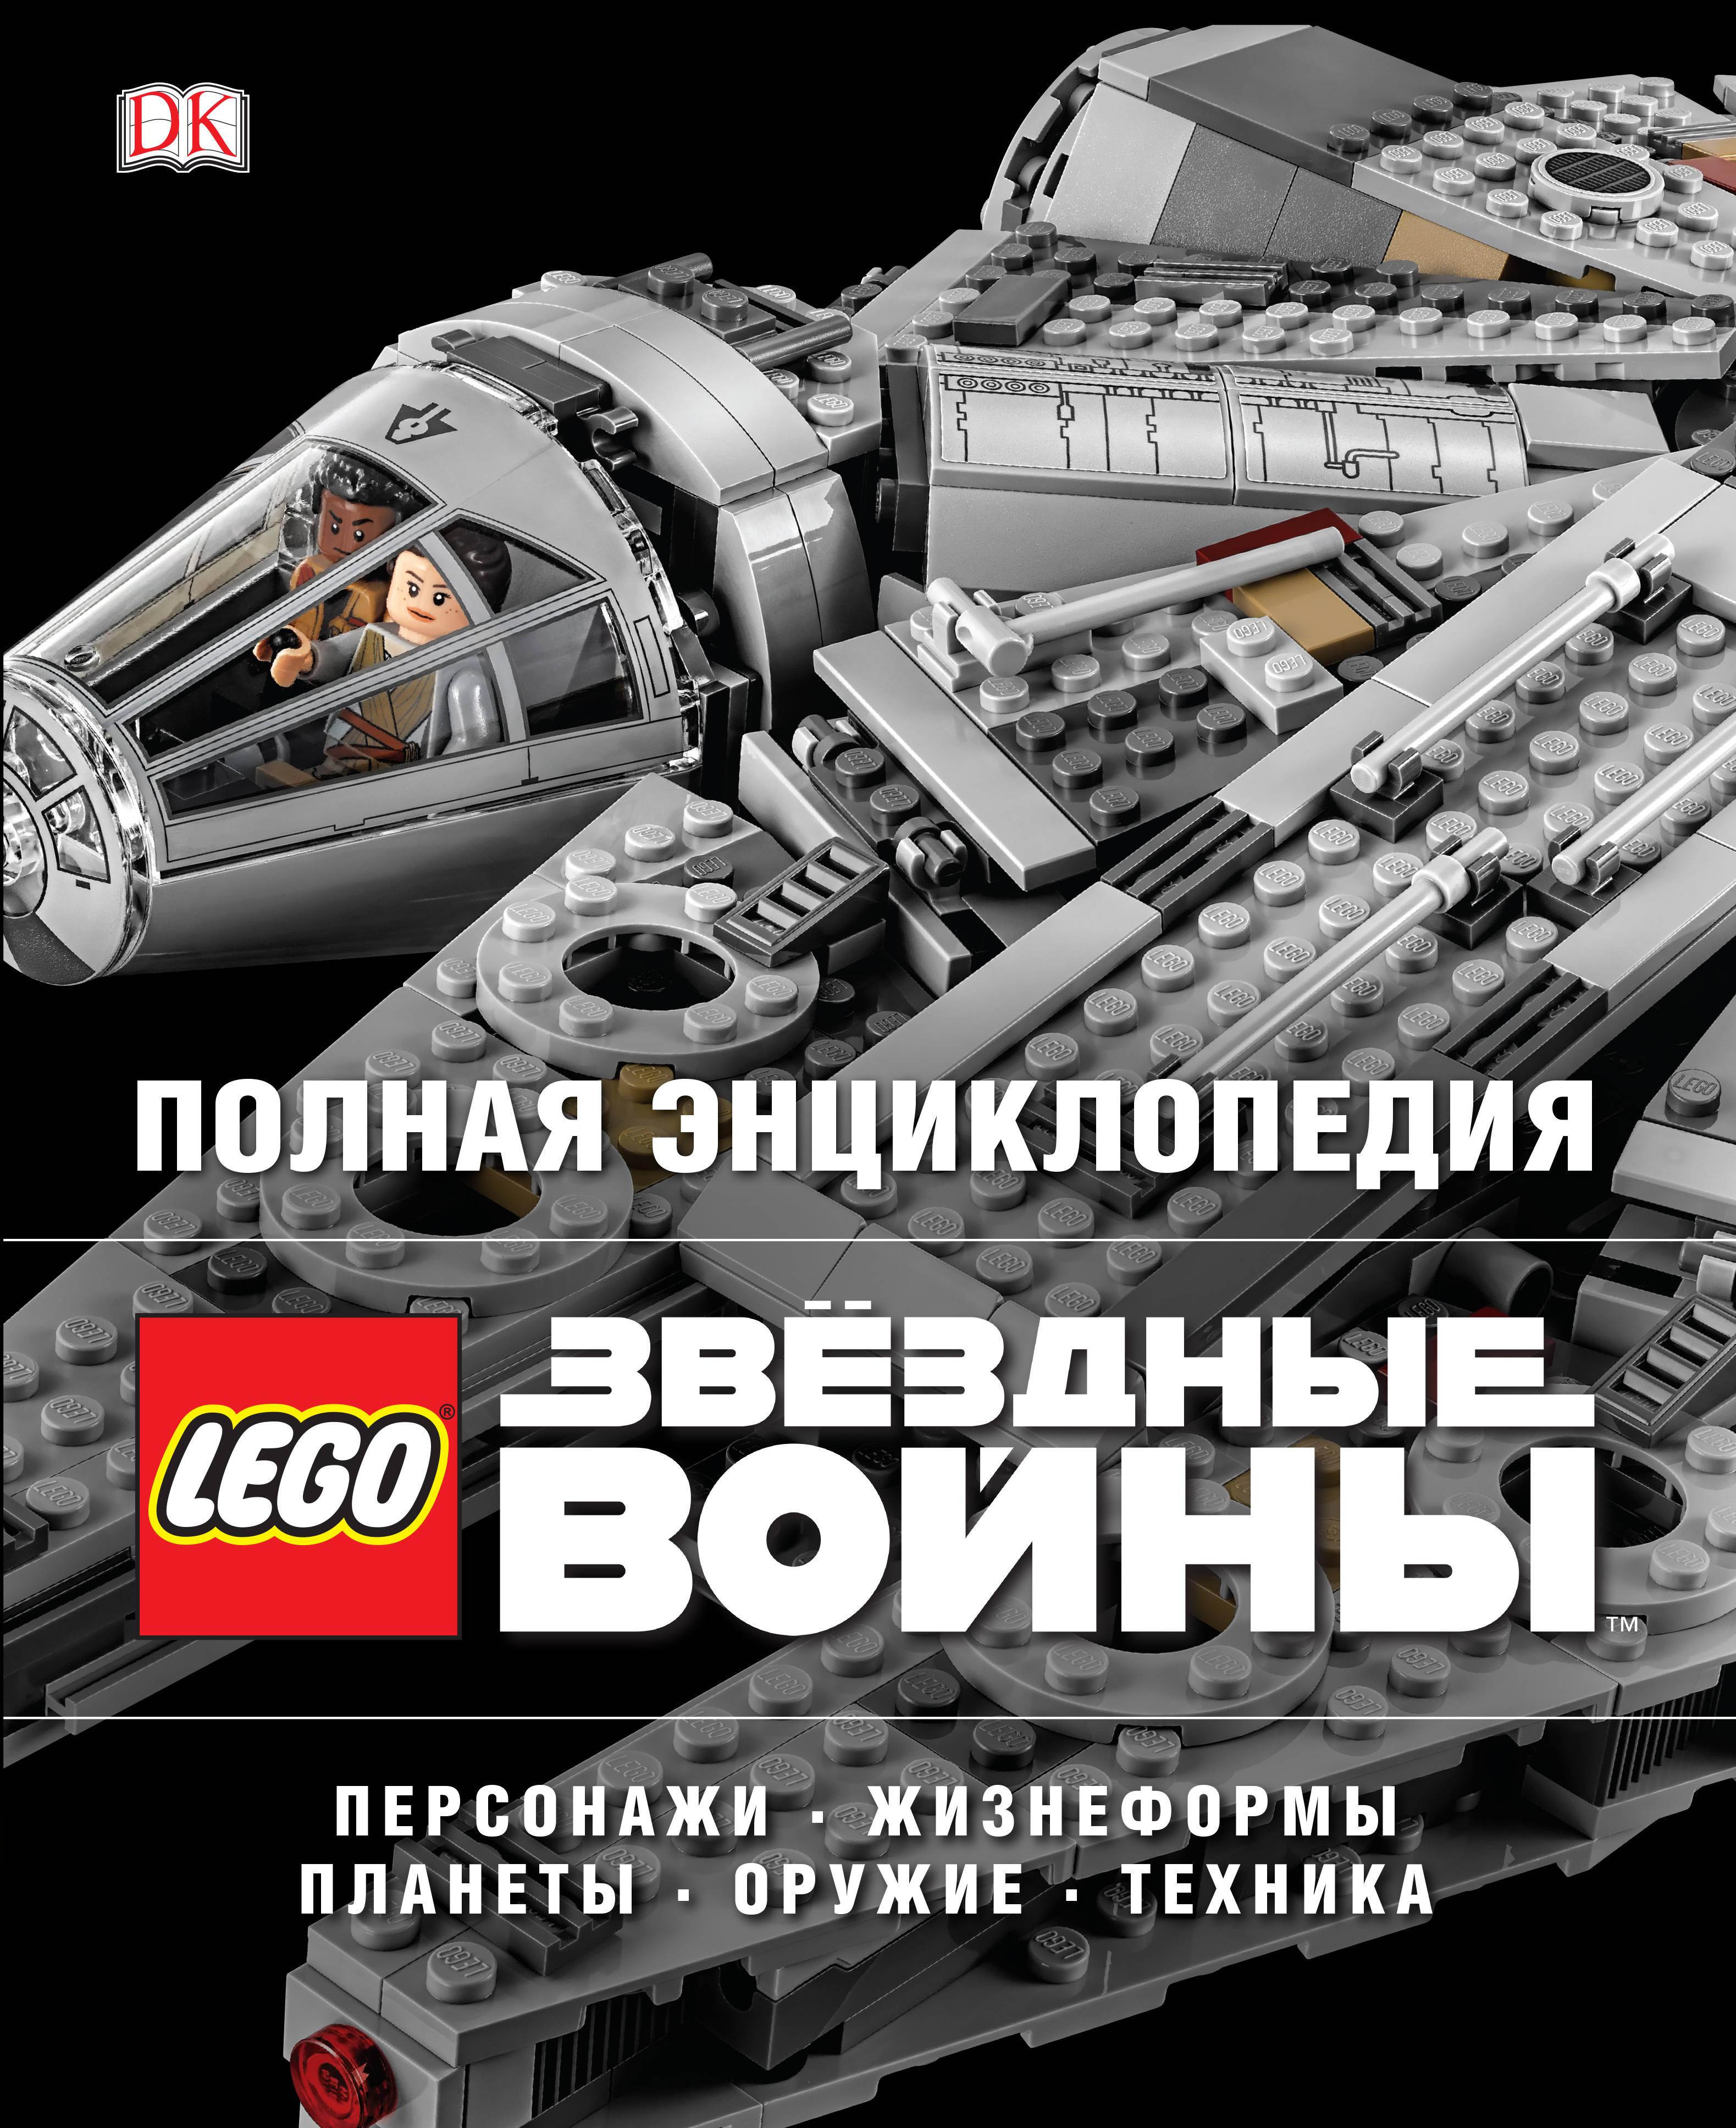 Полная энциклопедия LEGO STAR WARS. Крис Мэллоу, Эндрю Бикрафт